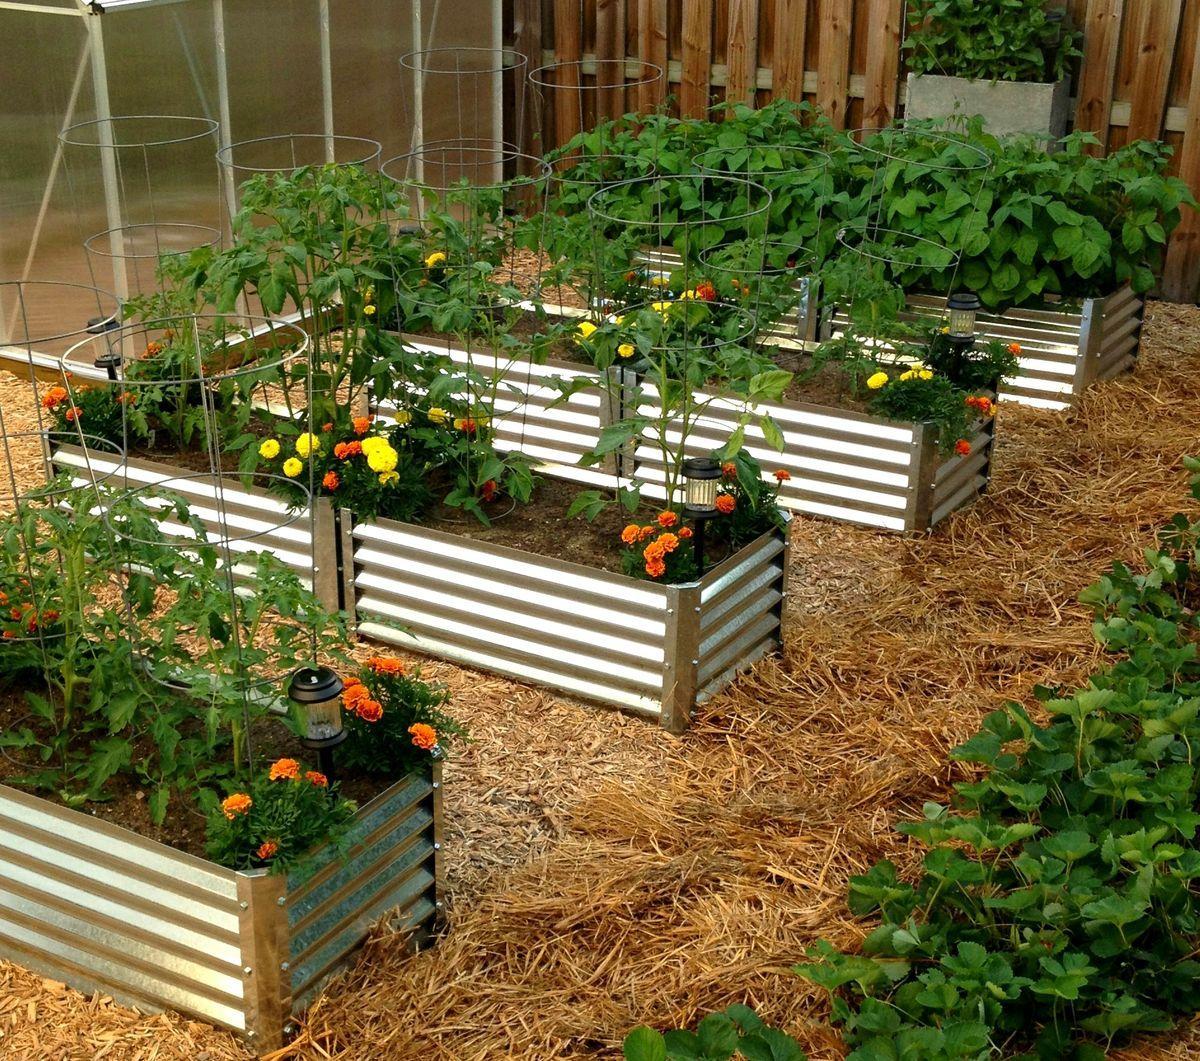 Pin by Karen Vanderwall on gardening Metal garden beds